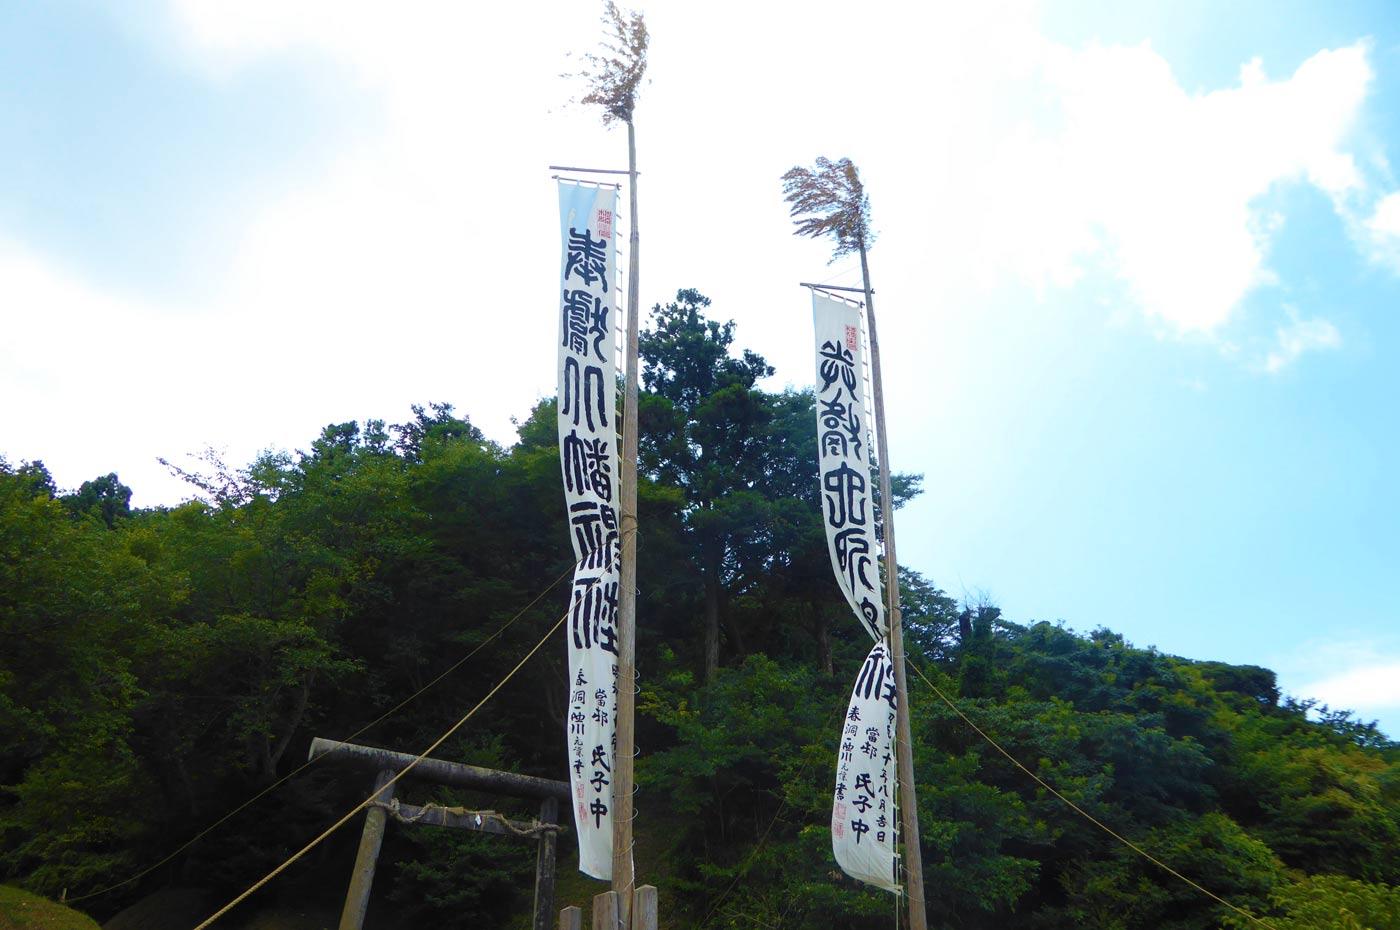 上佐久間・八幡神社